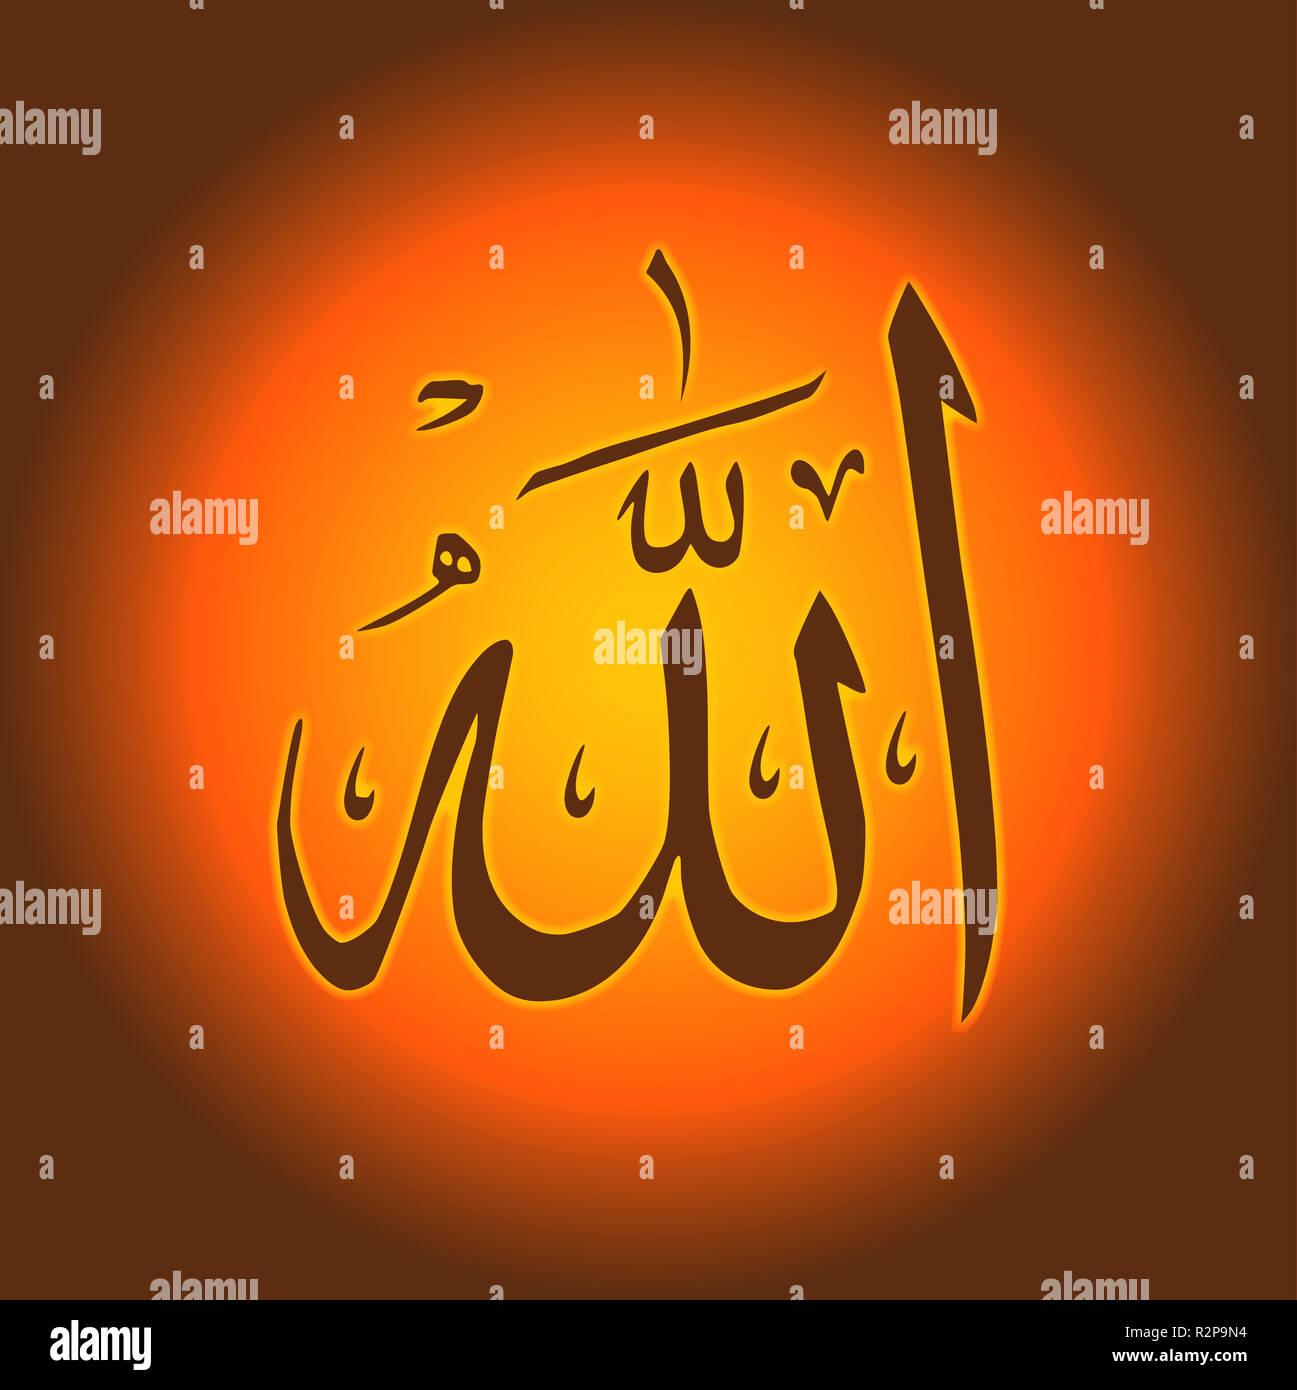 Allah Écrit En Arabe nom d'allah en écriture arabe sur fond orange banque d'images, photo